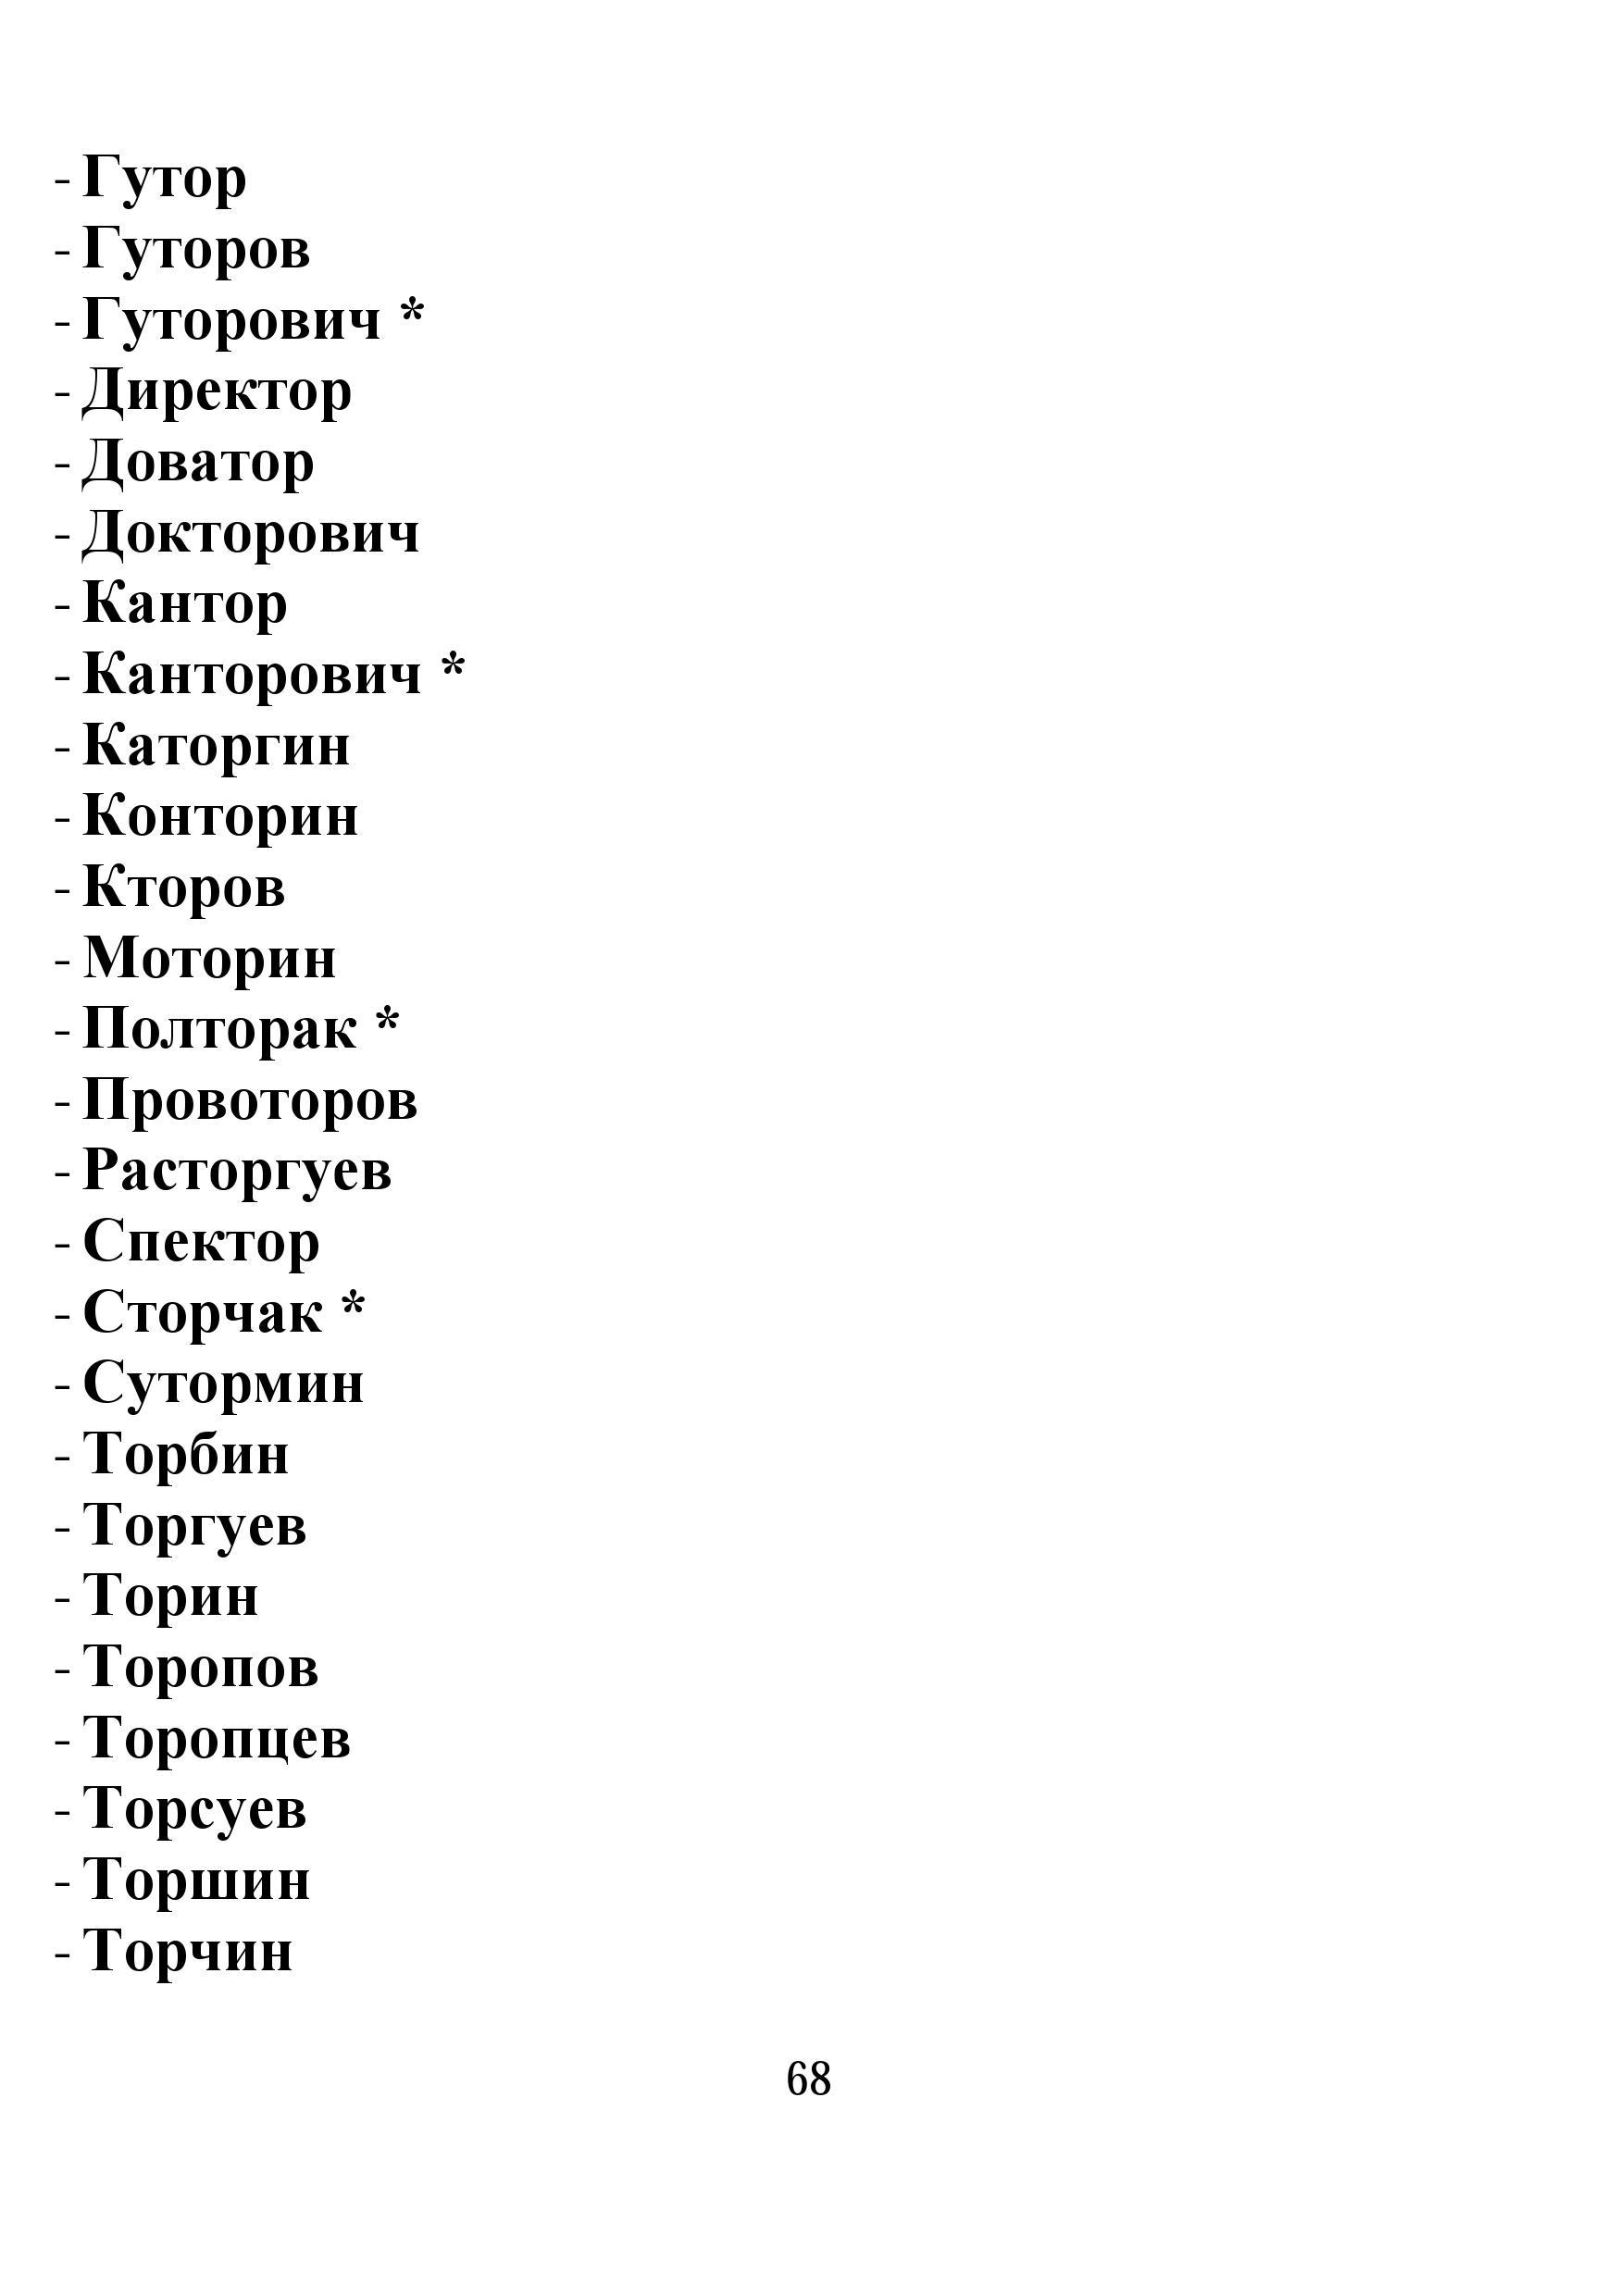 http://s2.uploads.ru/O3j2X.jpg